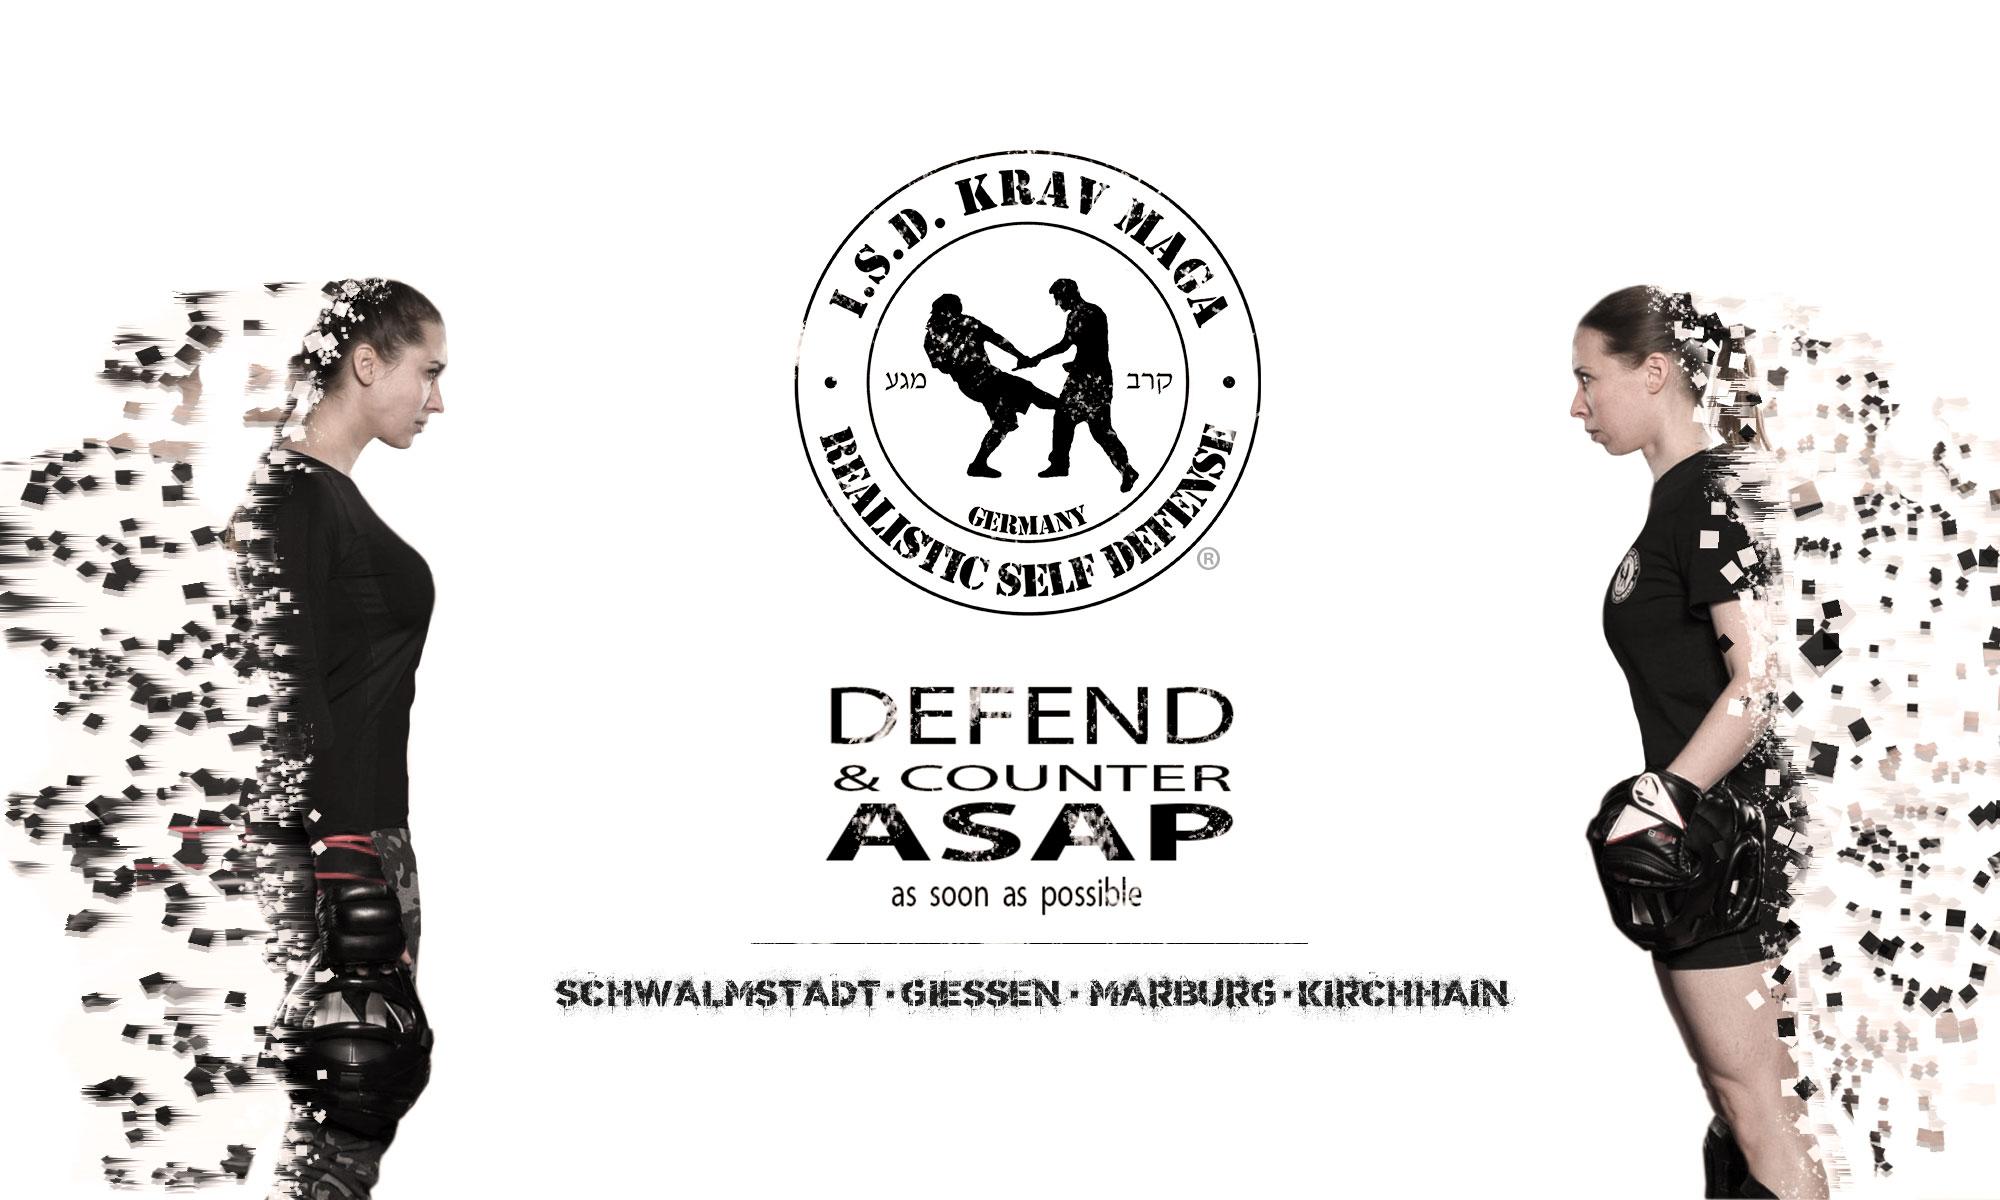 I.S.D. Krav Maga Germany